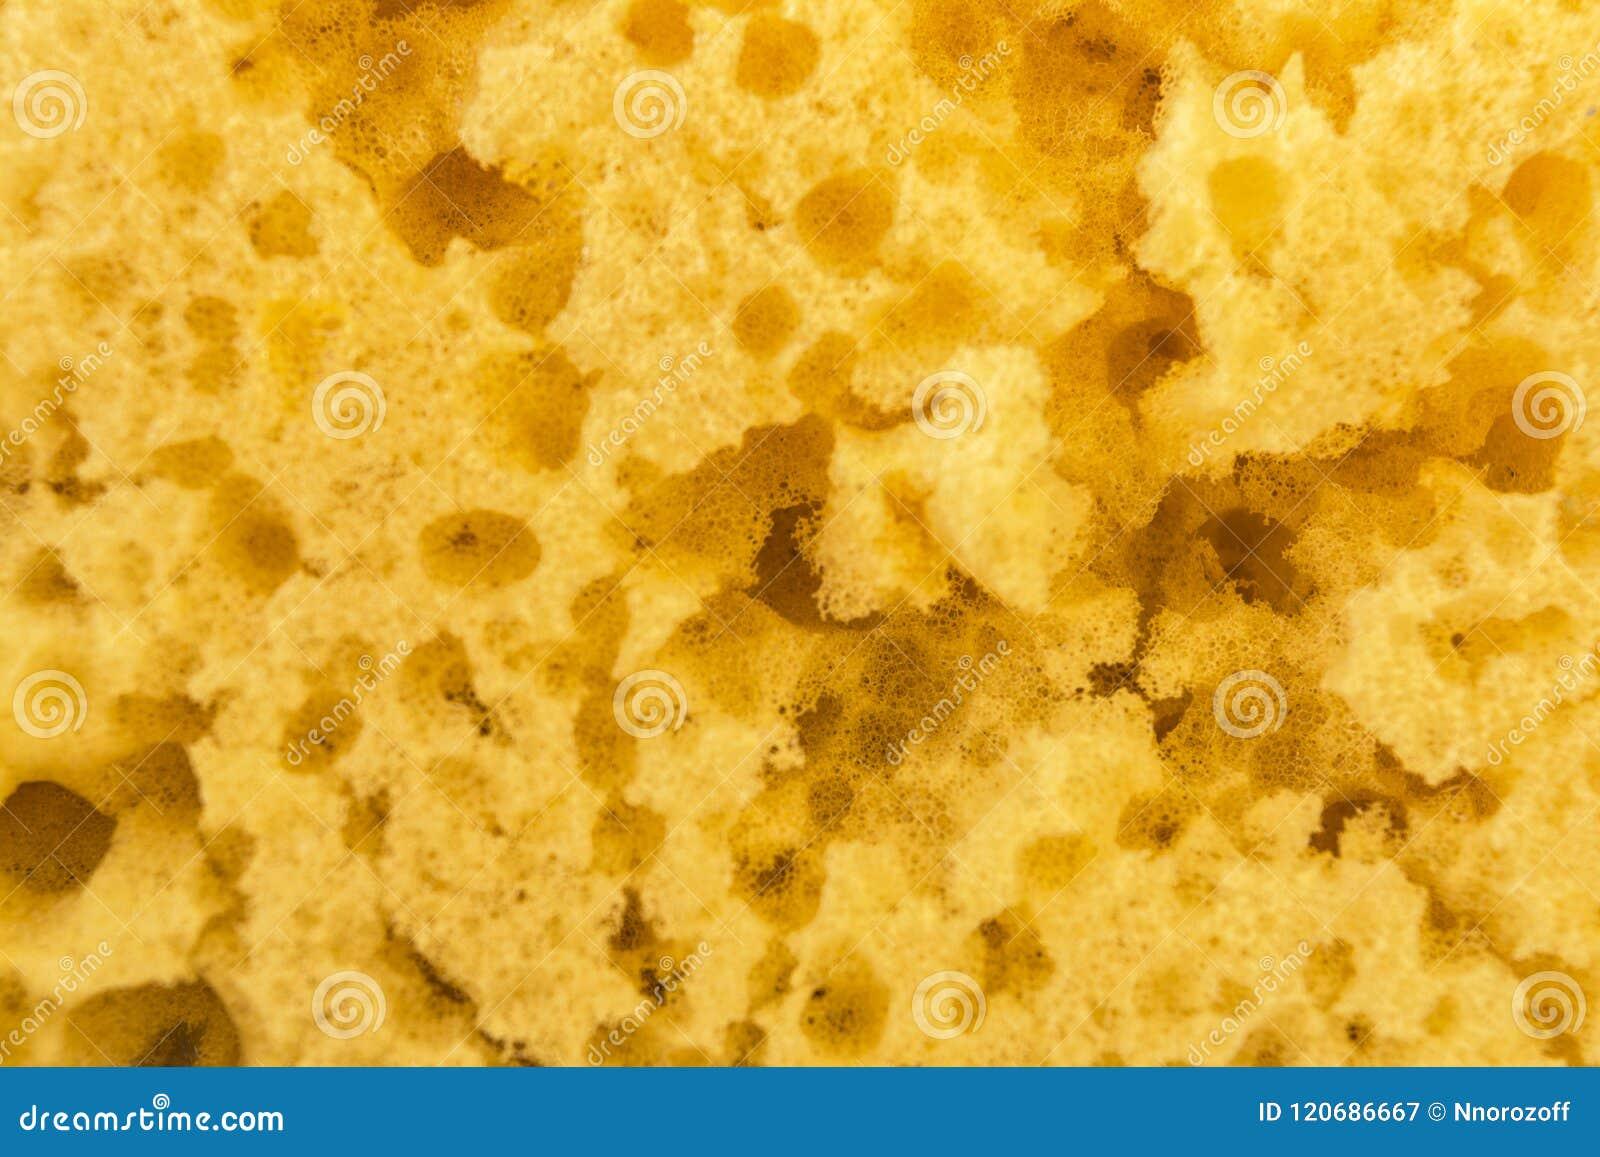 Strutturi la spugna gialla consumata per lavare i piatti, fondo astratto del primo piano